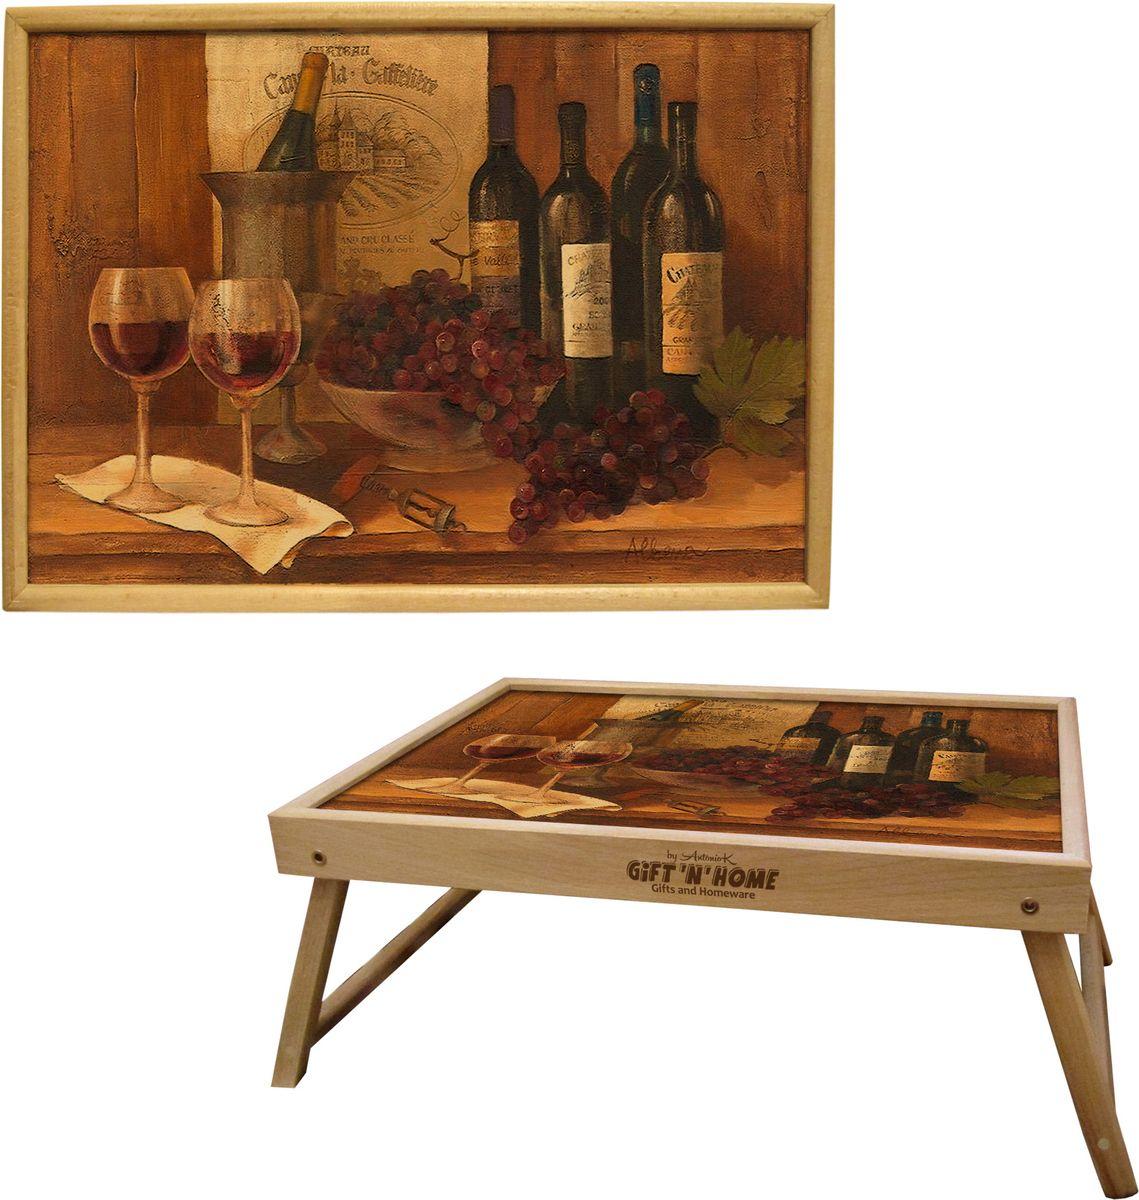 Столик с раскладными ножками GiftnHome Винтажные вина, 30,5 х 43,5 смTL-VinWines(b)Столик-поднос с раскладными ножками GiftnHome Винтажные вина - это истинный комплимент вашим любимым и близким людям, он станет отличным подарком. Он выполнен из благородной породы древесины - бука. Подать кофе, завтрак в постель или вынести на веранду гостям закуски, фрукты сервированные на стильном подносе, с оригинальным принтом на поверхности.Изделие несомненно внесет свой Арт-стиль и уютную атмосферу в домашнее пространство. Нанесенные на столешницу дизайнерские принты прекрасно дополнят интерьер вашего дома, дачи, студии или городской кухни - это современные, актуальные изделия, выполненные с душой, и несущие в дом настроение.